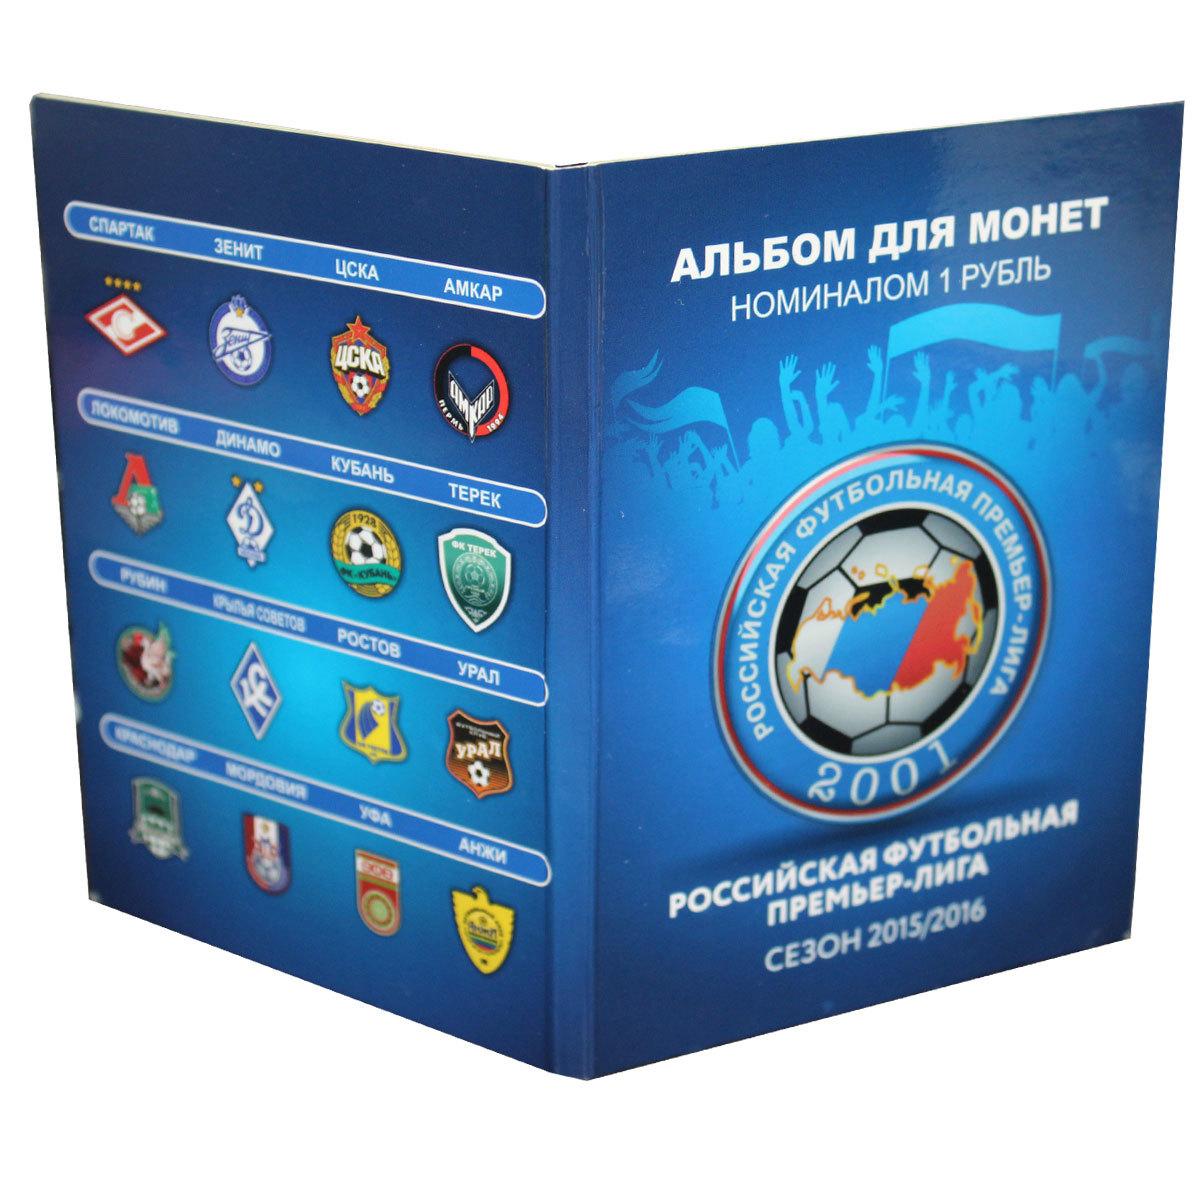 Альбом для монет номиналом 1 рубль